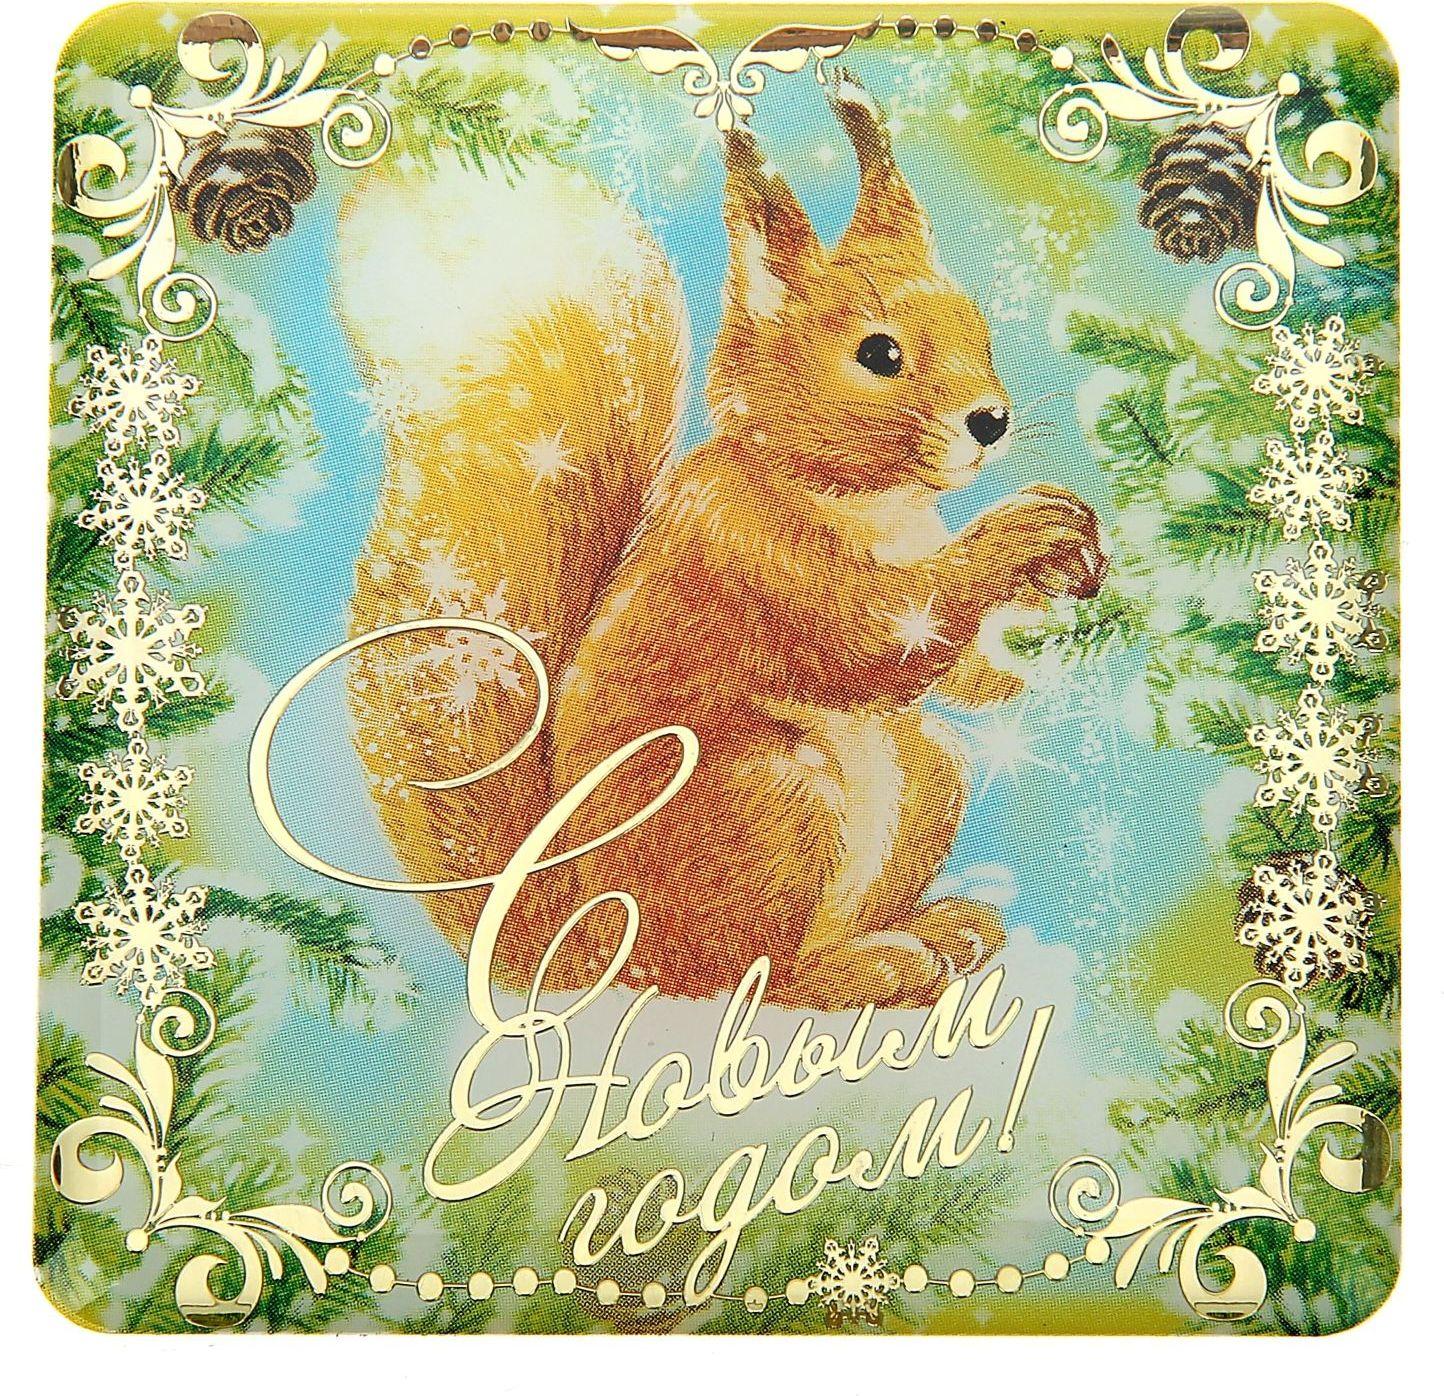 Магнит Sima-land Белочка, 6 х 6 см240516Порадуйте родных и близких оригинальным сувениром: преподнесите в подарок магнит. С ним даже самый серьёзный человек почувствует себя ребёнком, ожидающим чудо! Создайте праздничное настроение, и оно останется с вами на весь год.